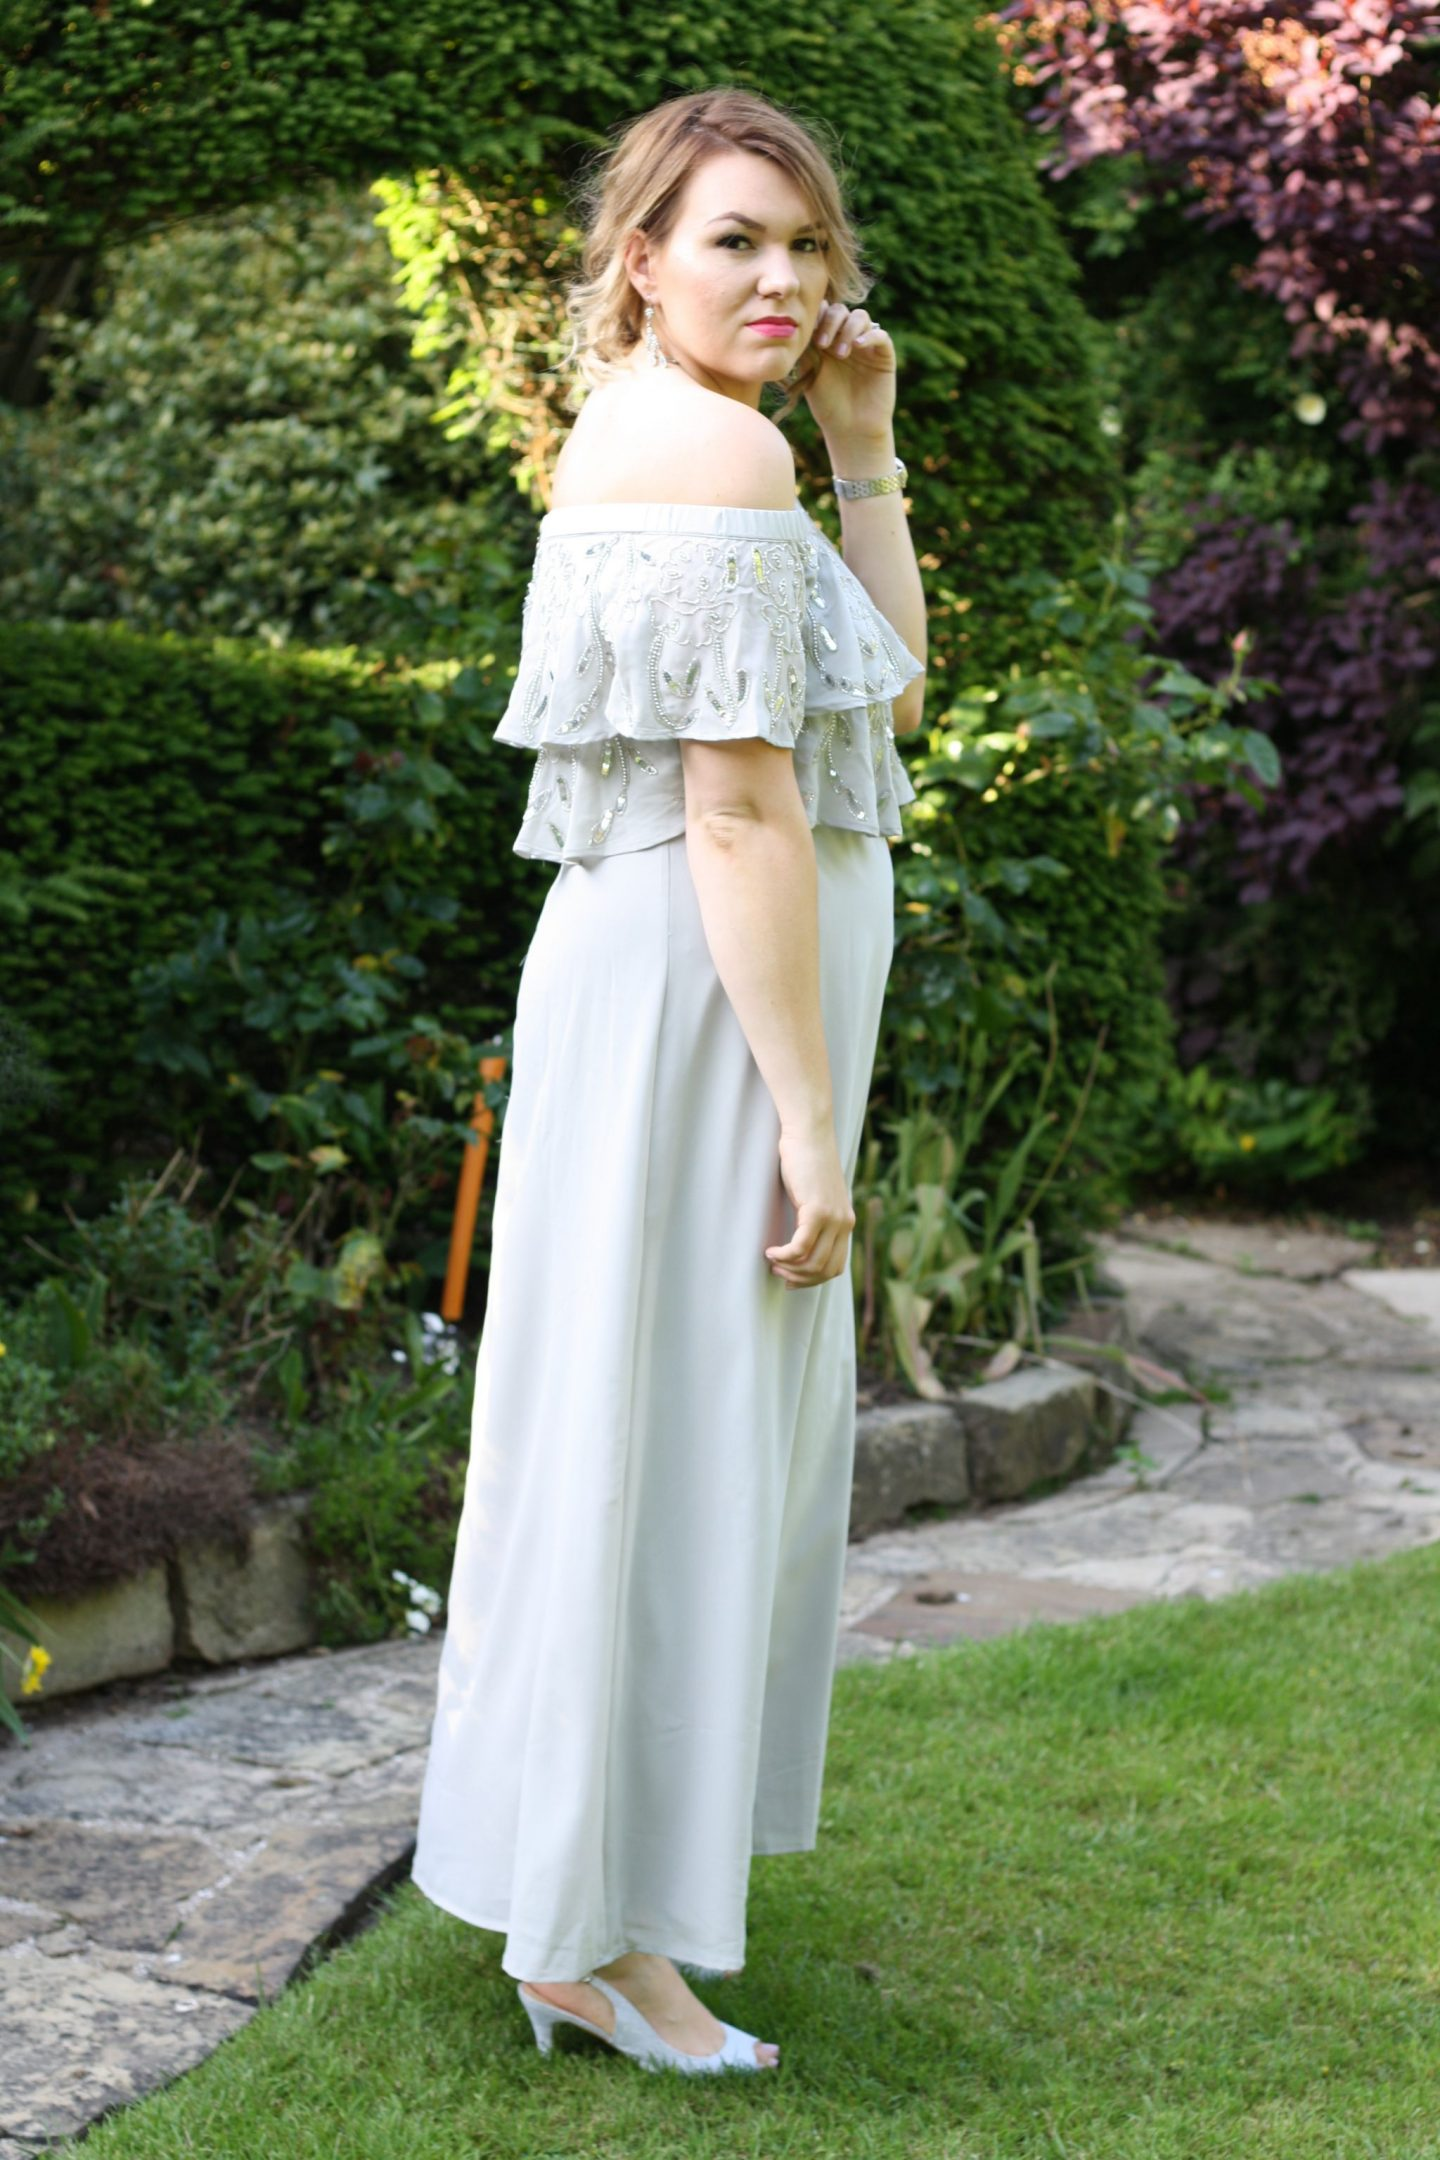 Lovedrobe Luxe, Violet Glenton